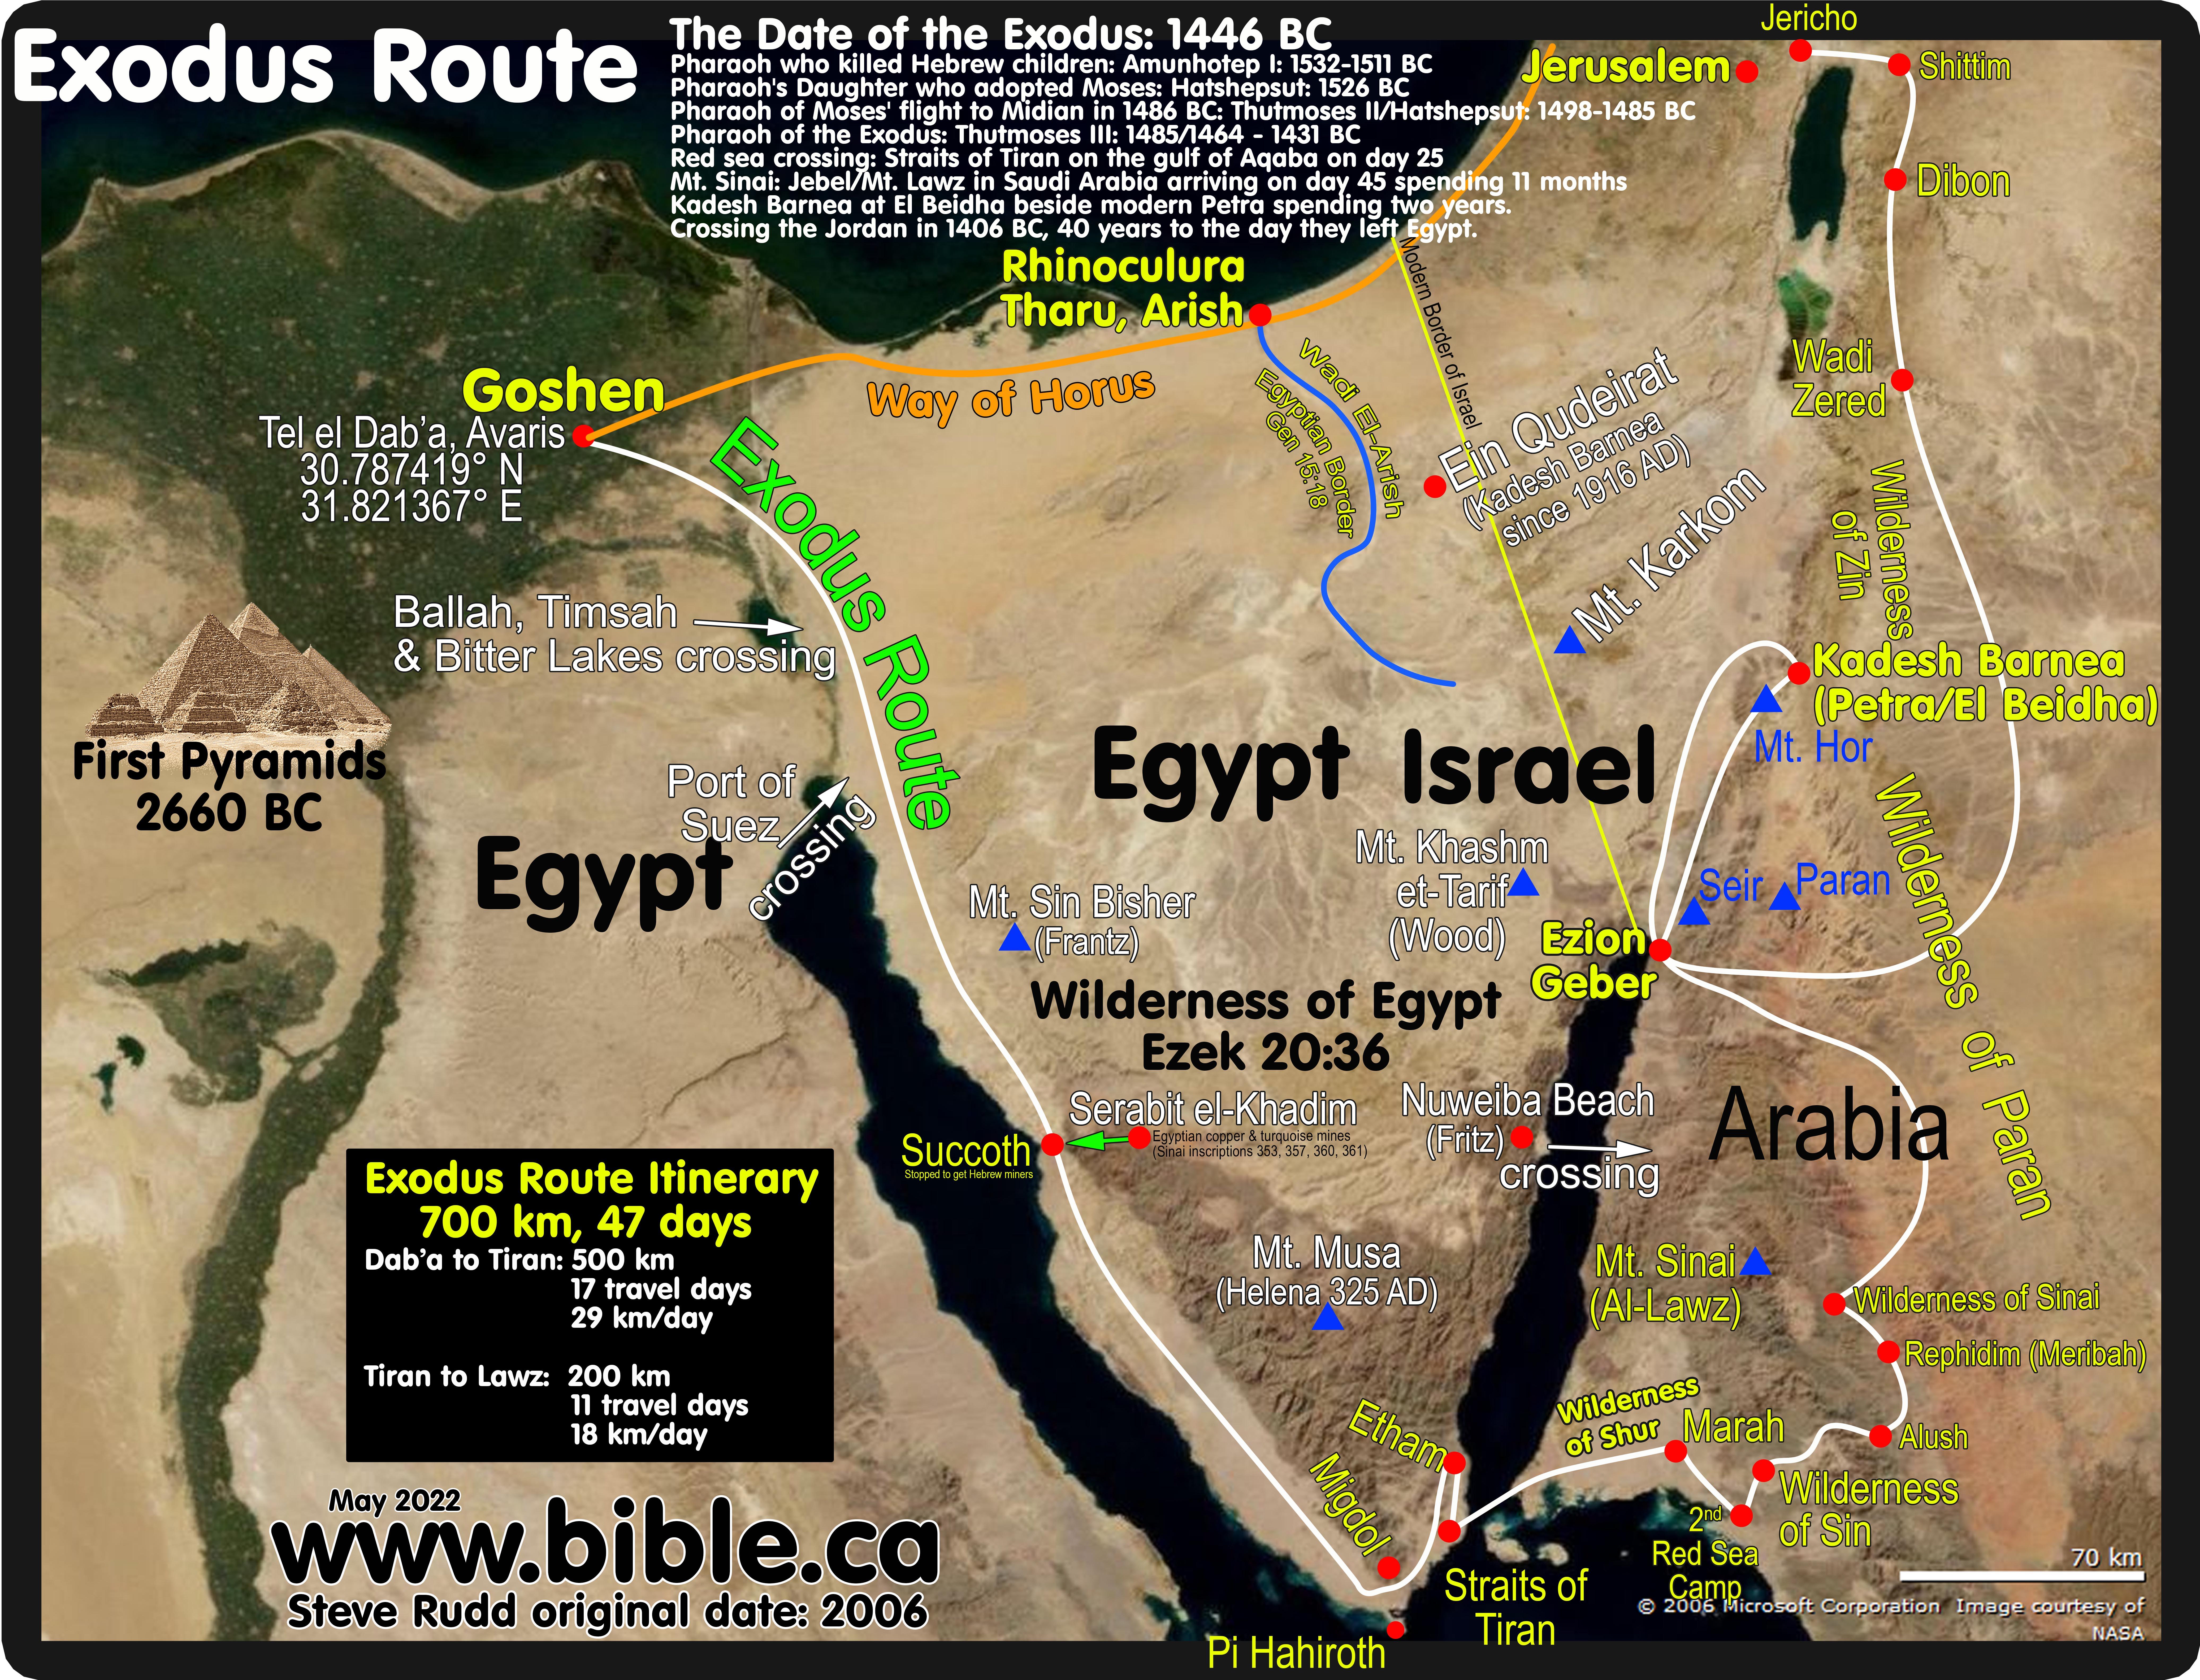 The Exodus Route 22 Stops Between Mount Sinai To Kadesh